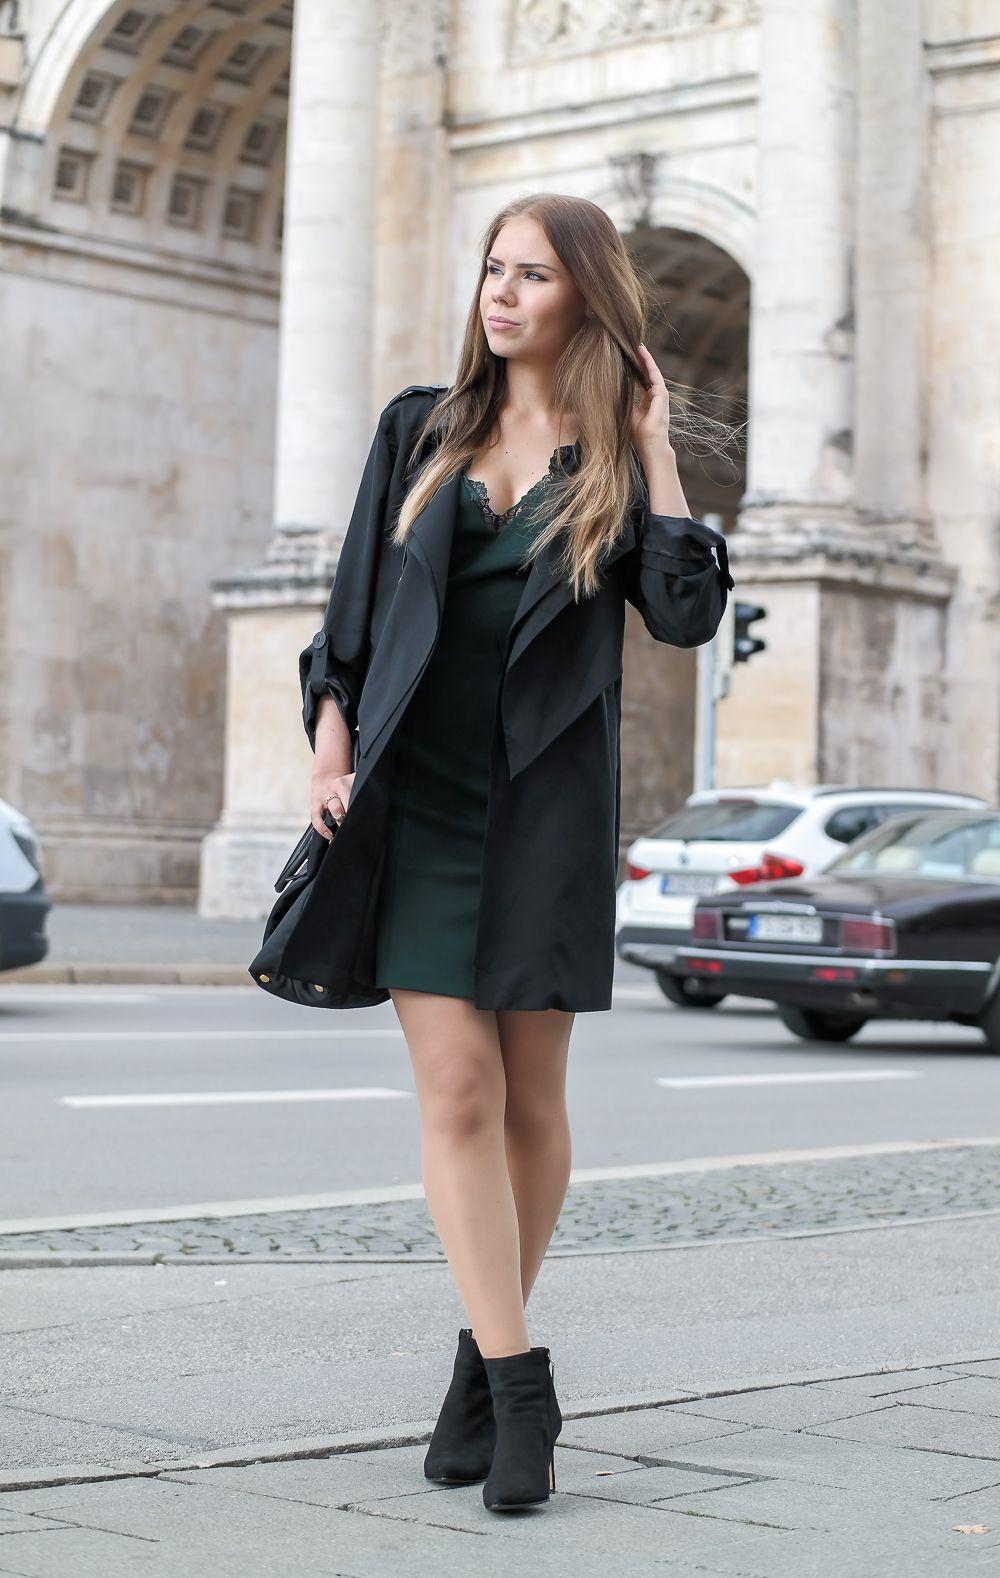 grünes Kleid | A7 | Pinterest | Grünes kleid, Grün und Frieren